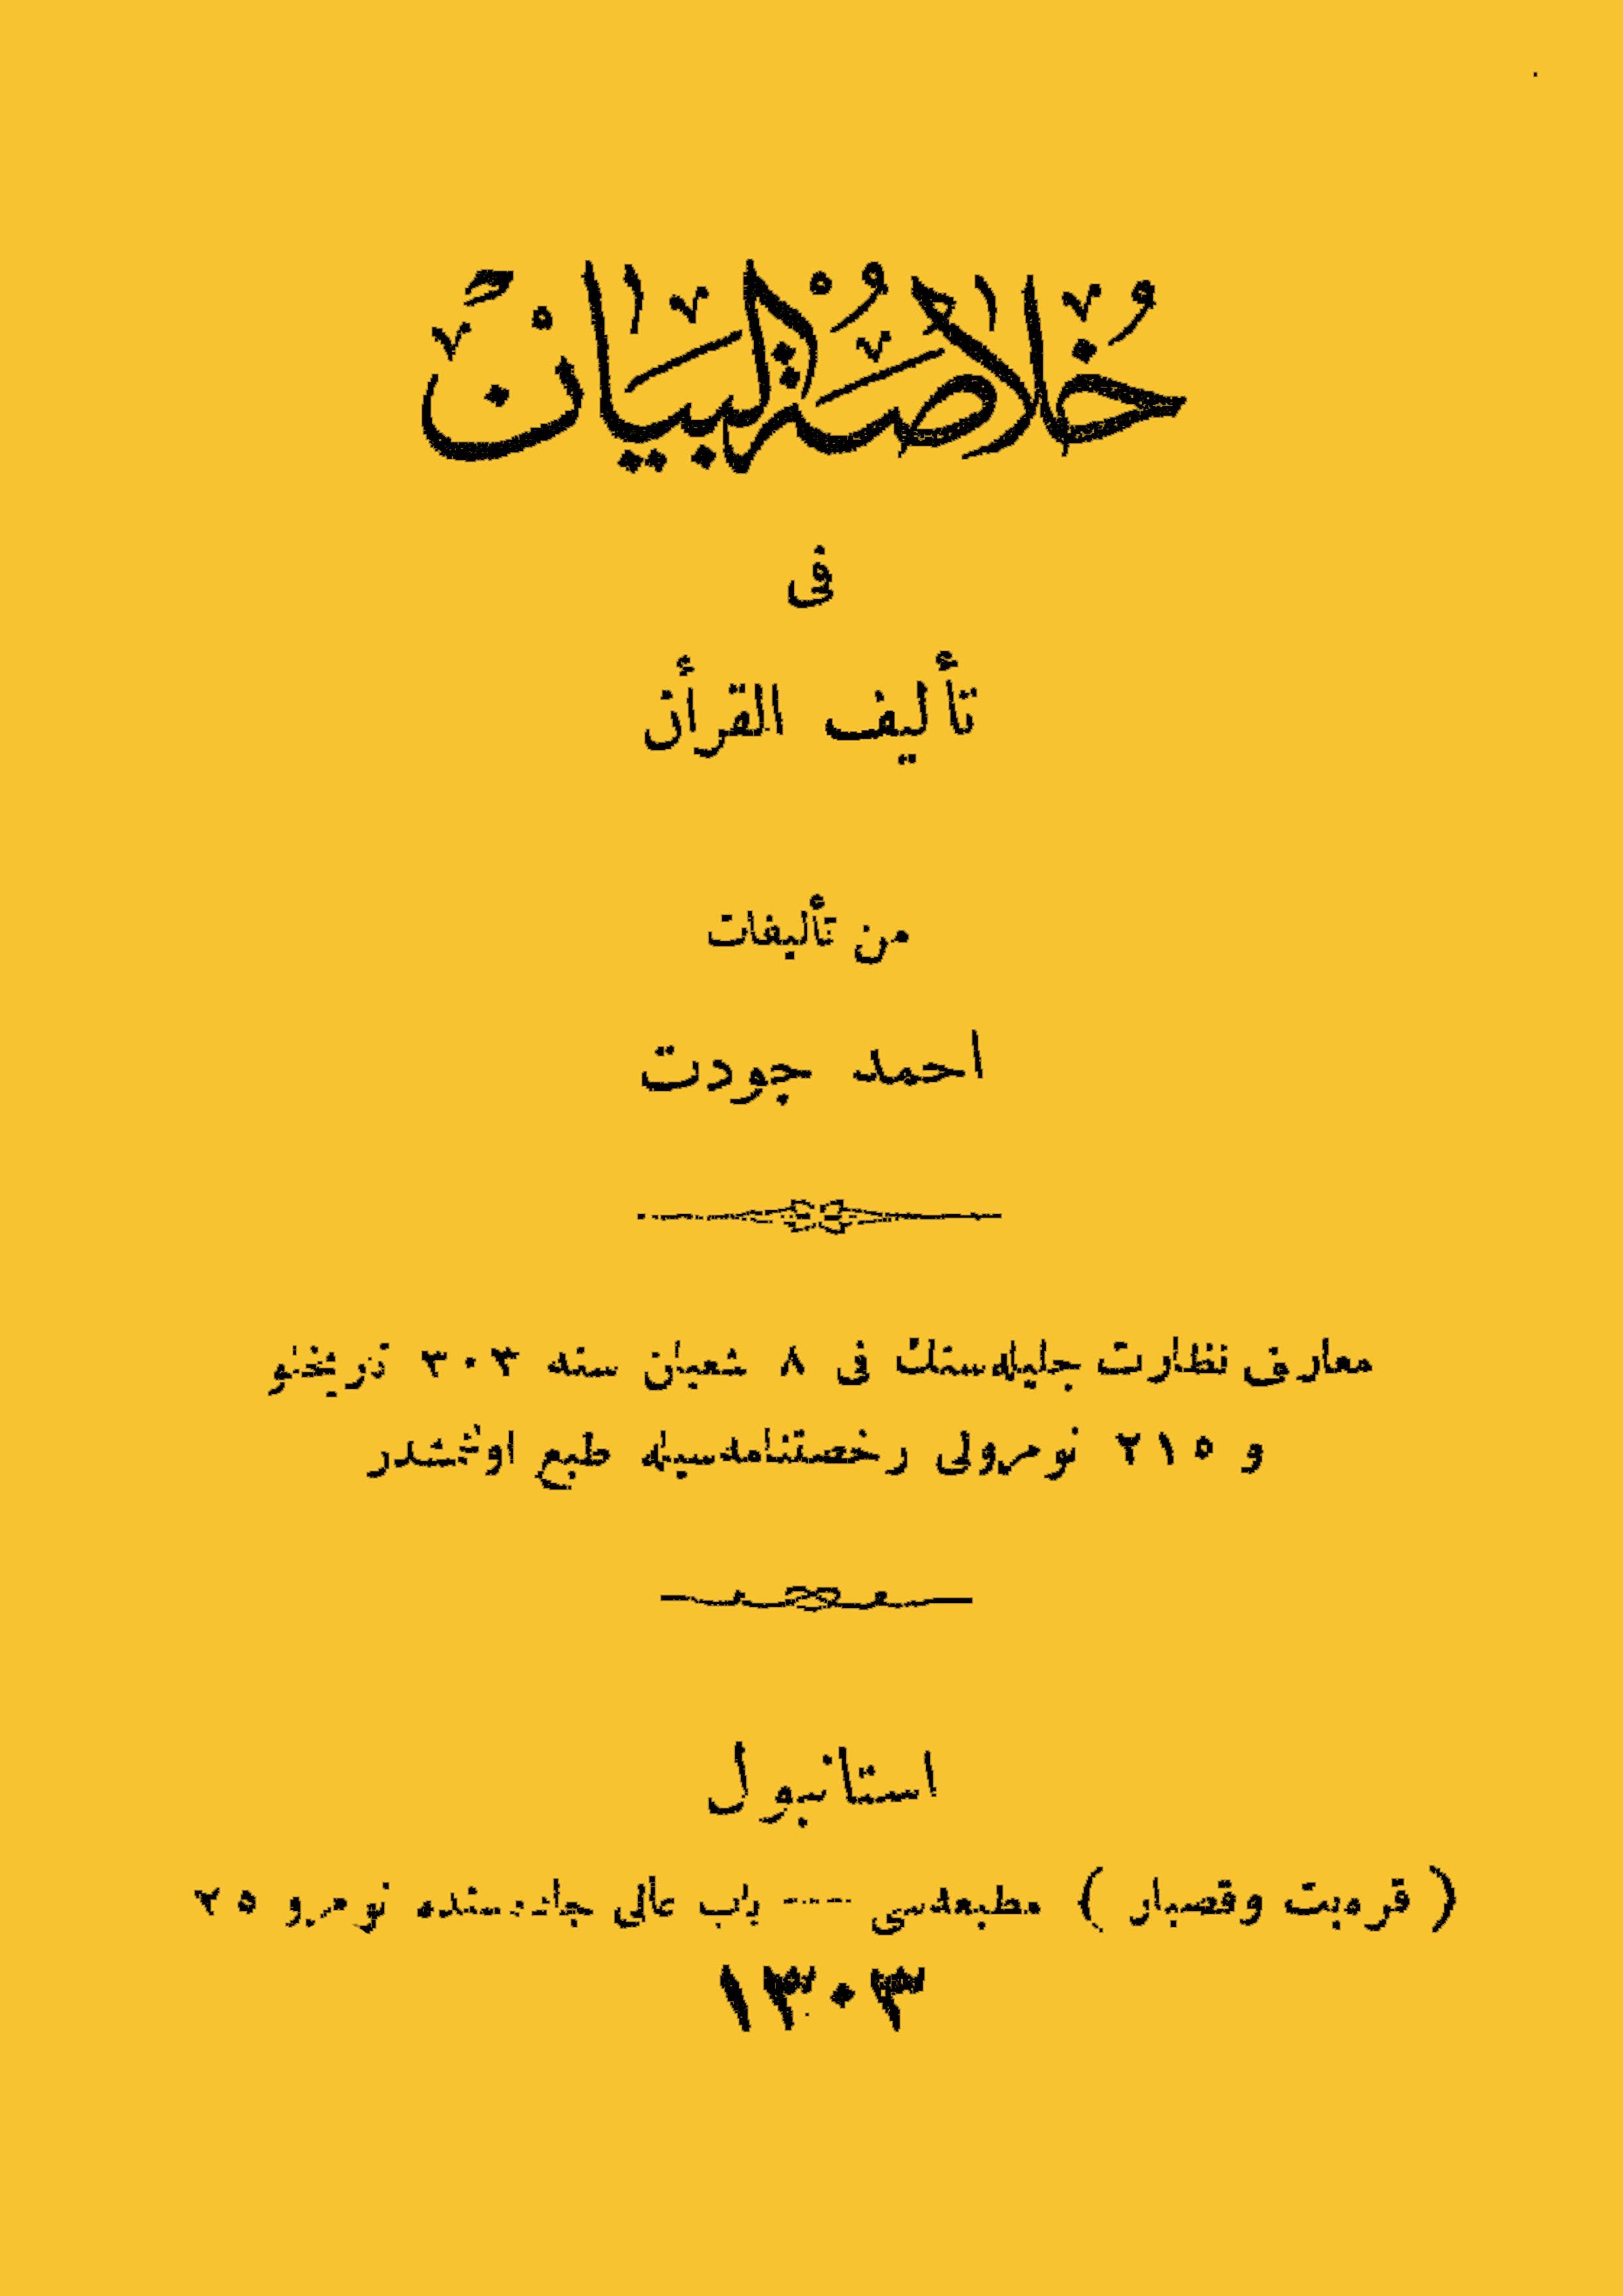 تحميل كتاب خلاصة البيان في تأليف القرآن لـِ: أحمد جودت باشا (ت 1312)